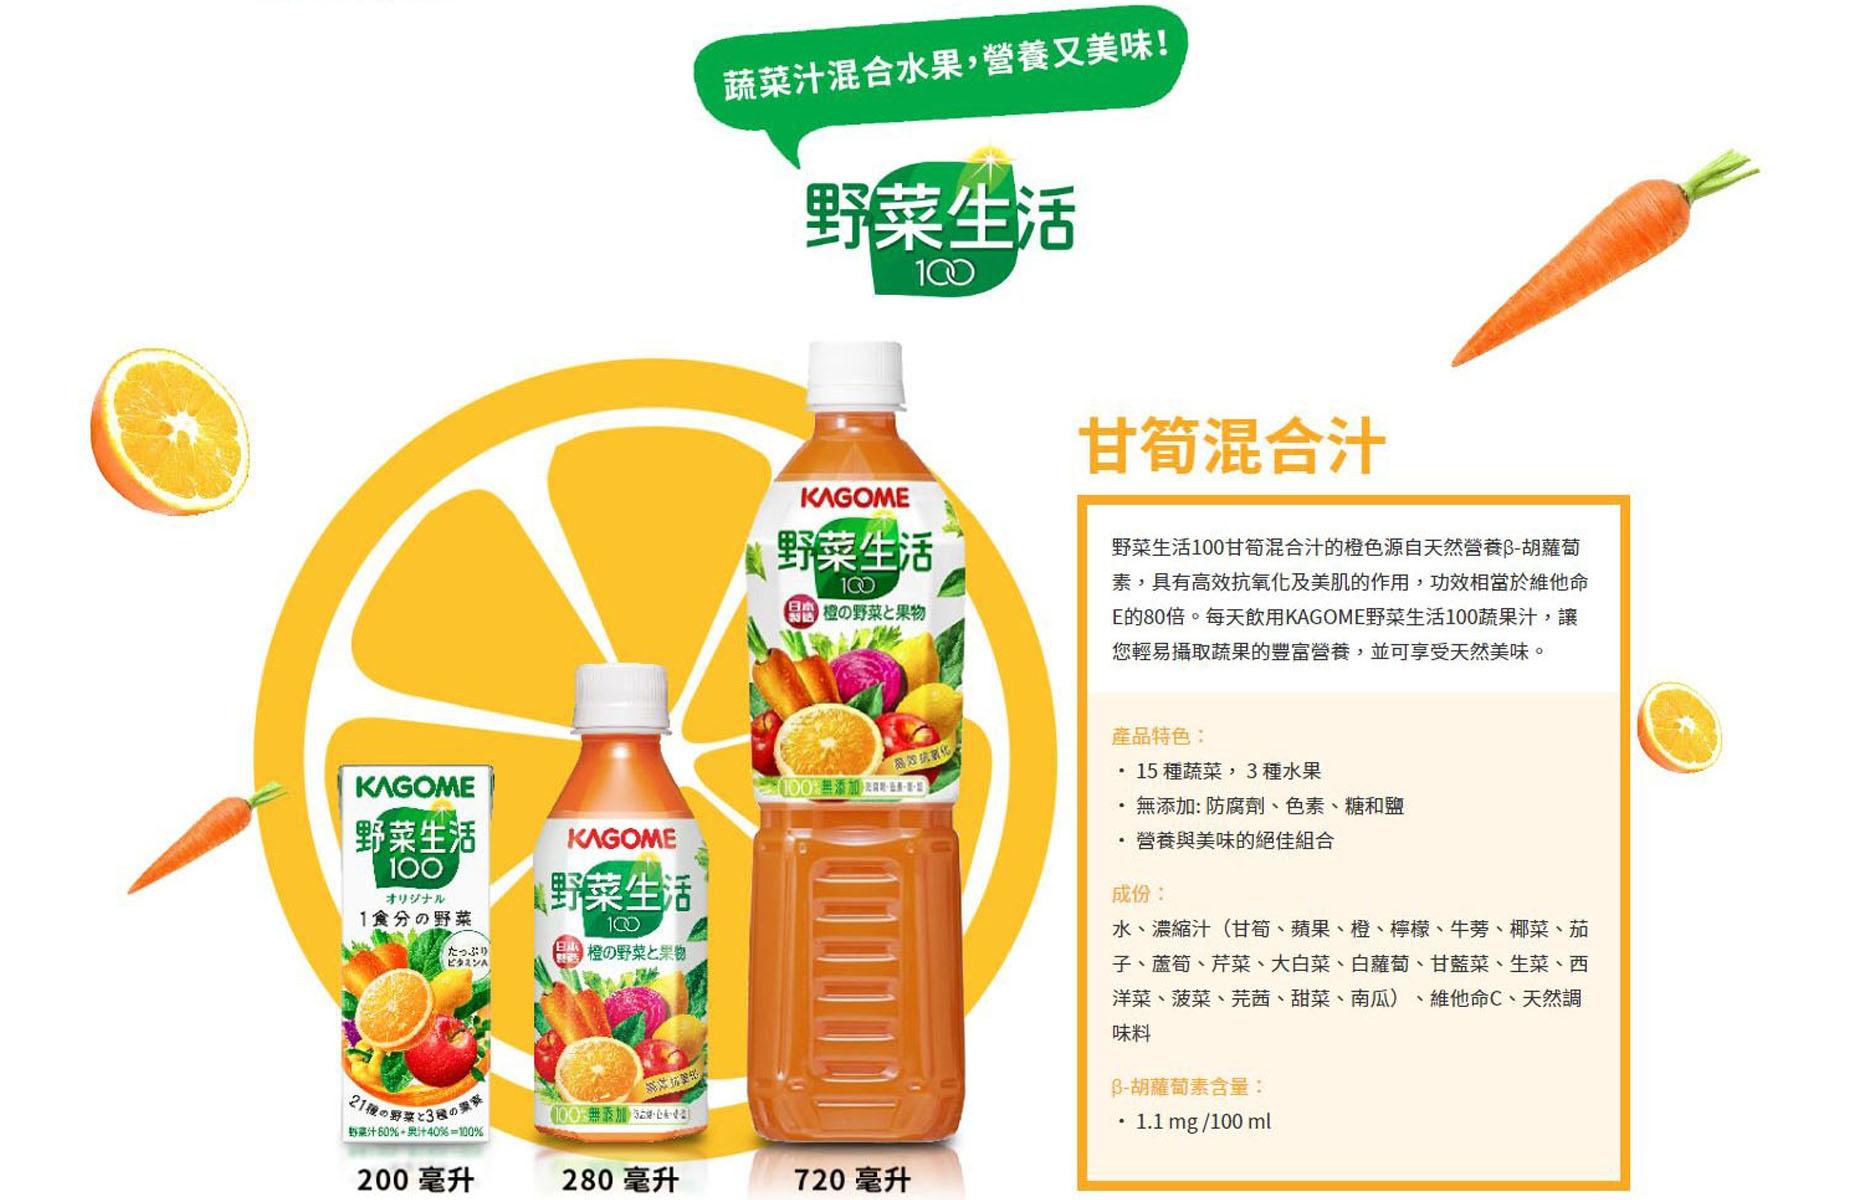 Kagome Fruit Juice 健康蔬菜果汁